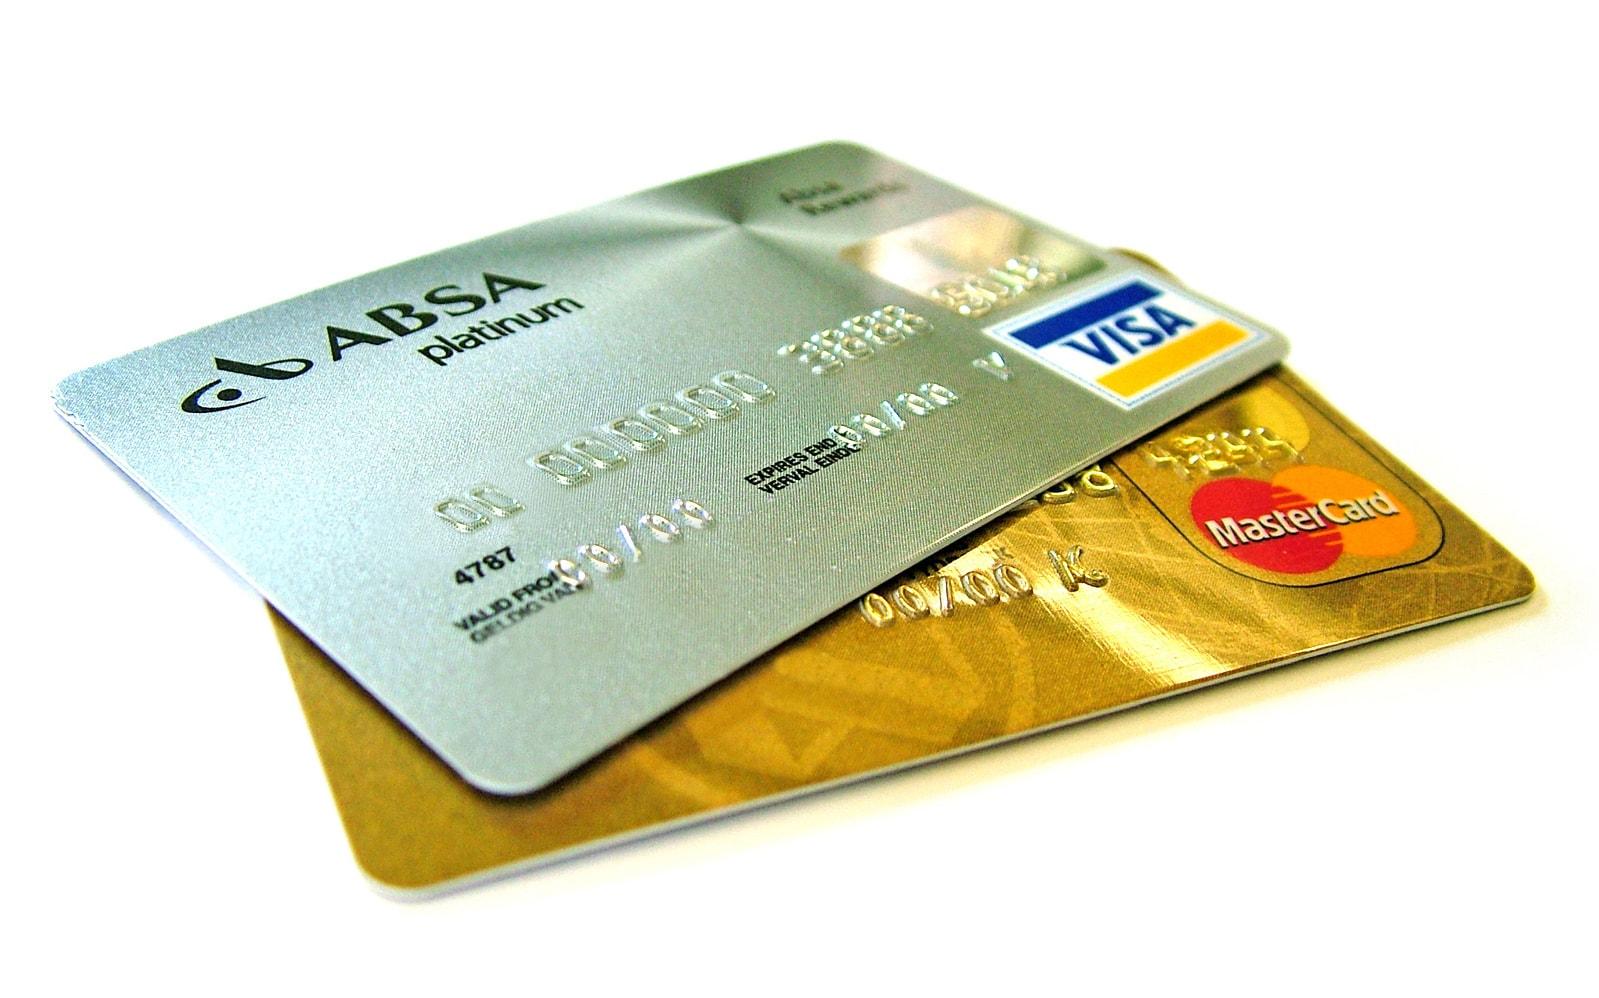 كيف تحصل على بطاقة مصرفية ماستركارد او كريدت كارد مجاناً